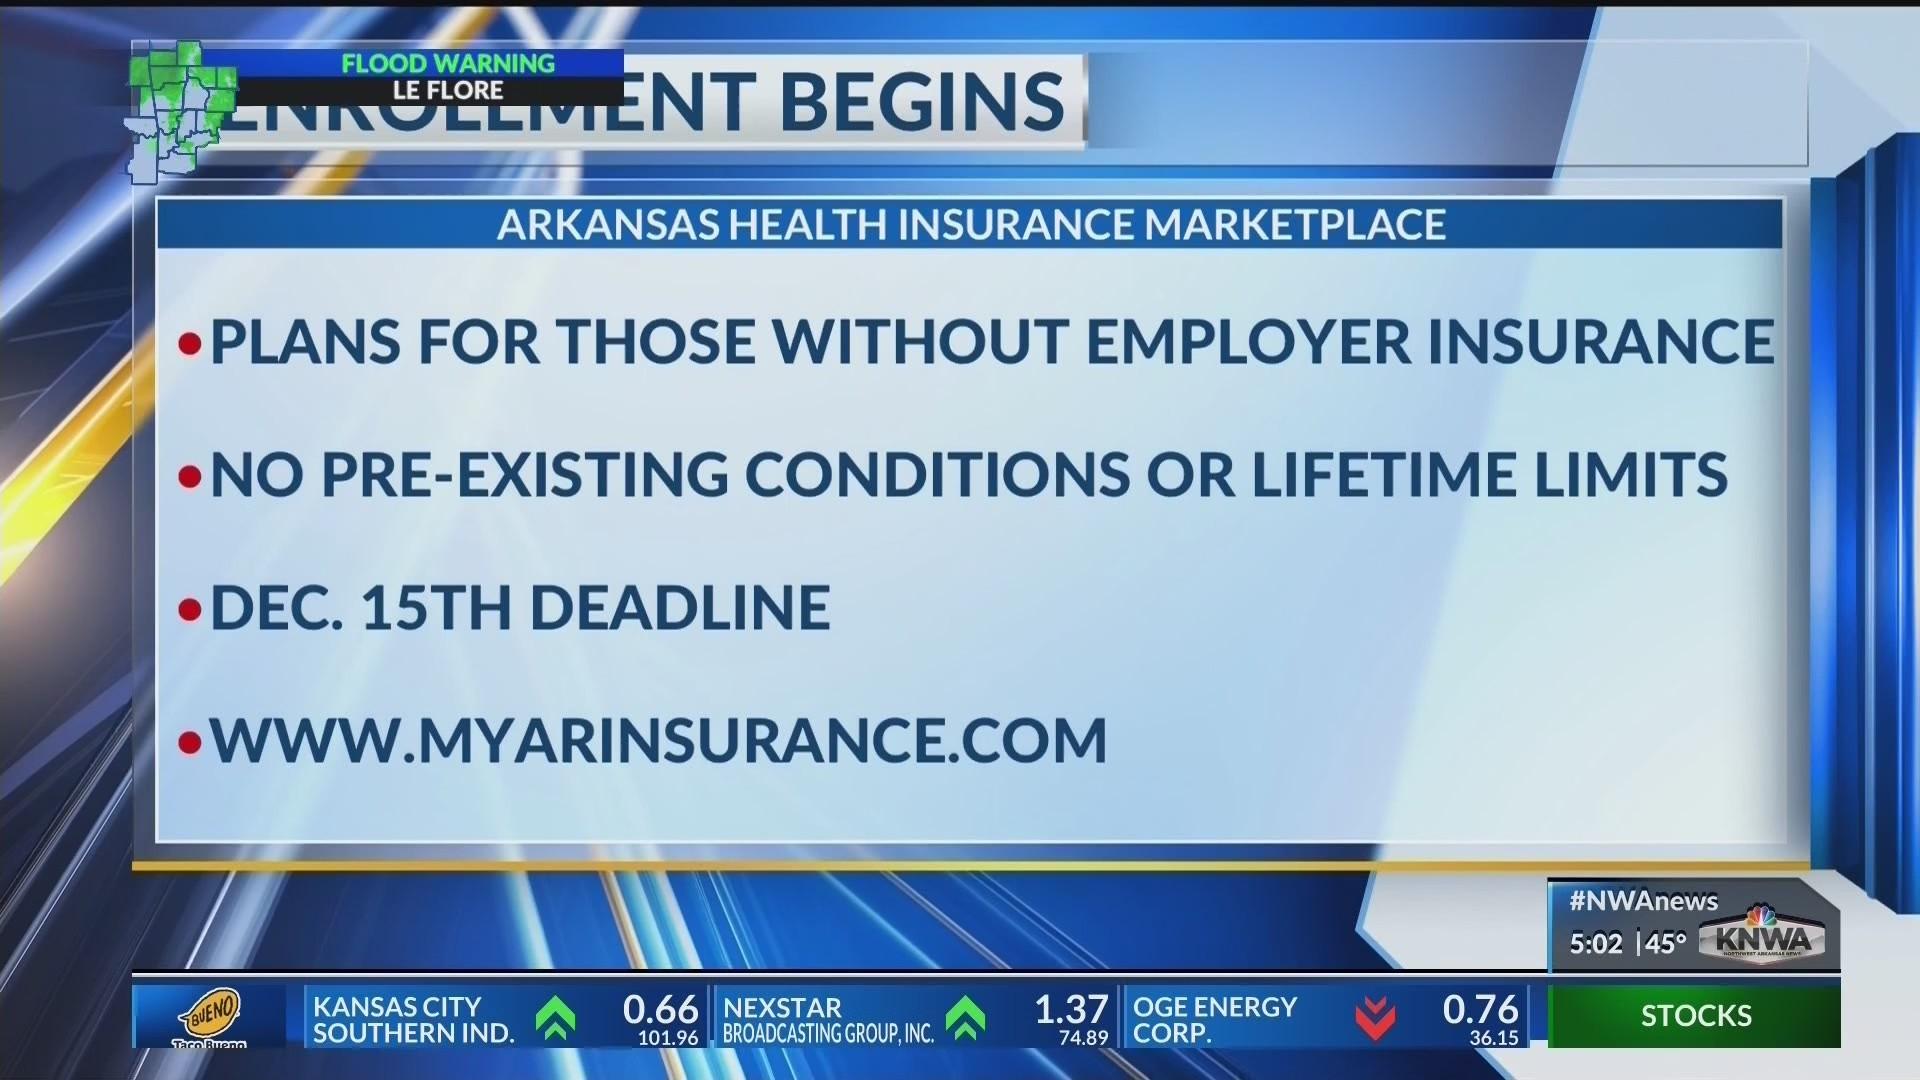 Open_Enrollment_for_Health_Insurance_Beg_0_20181101112011